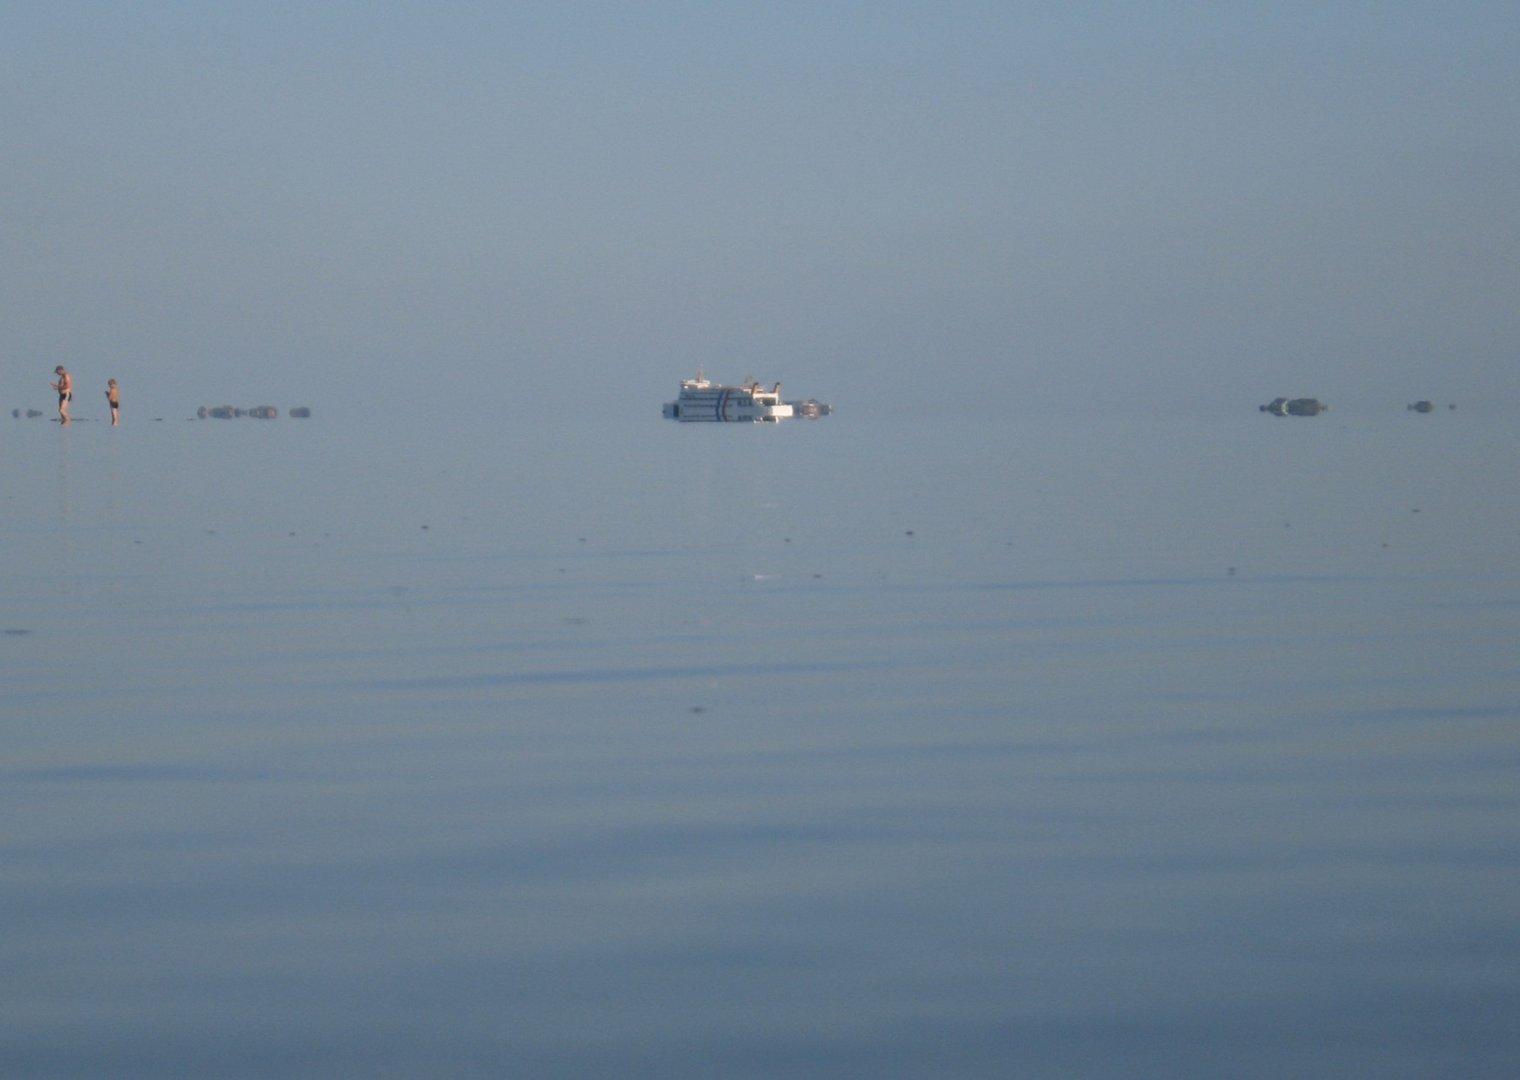 Föhr - Windstille, am Strand von Nieblum